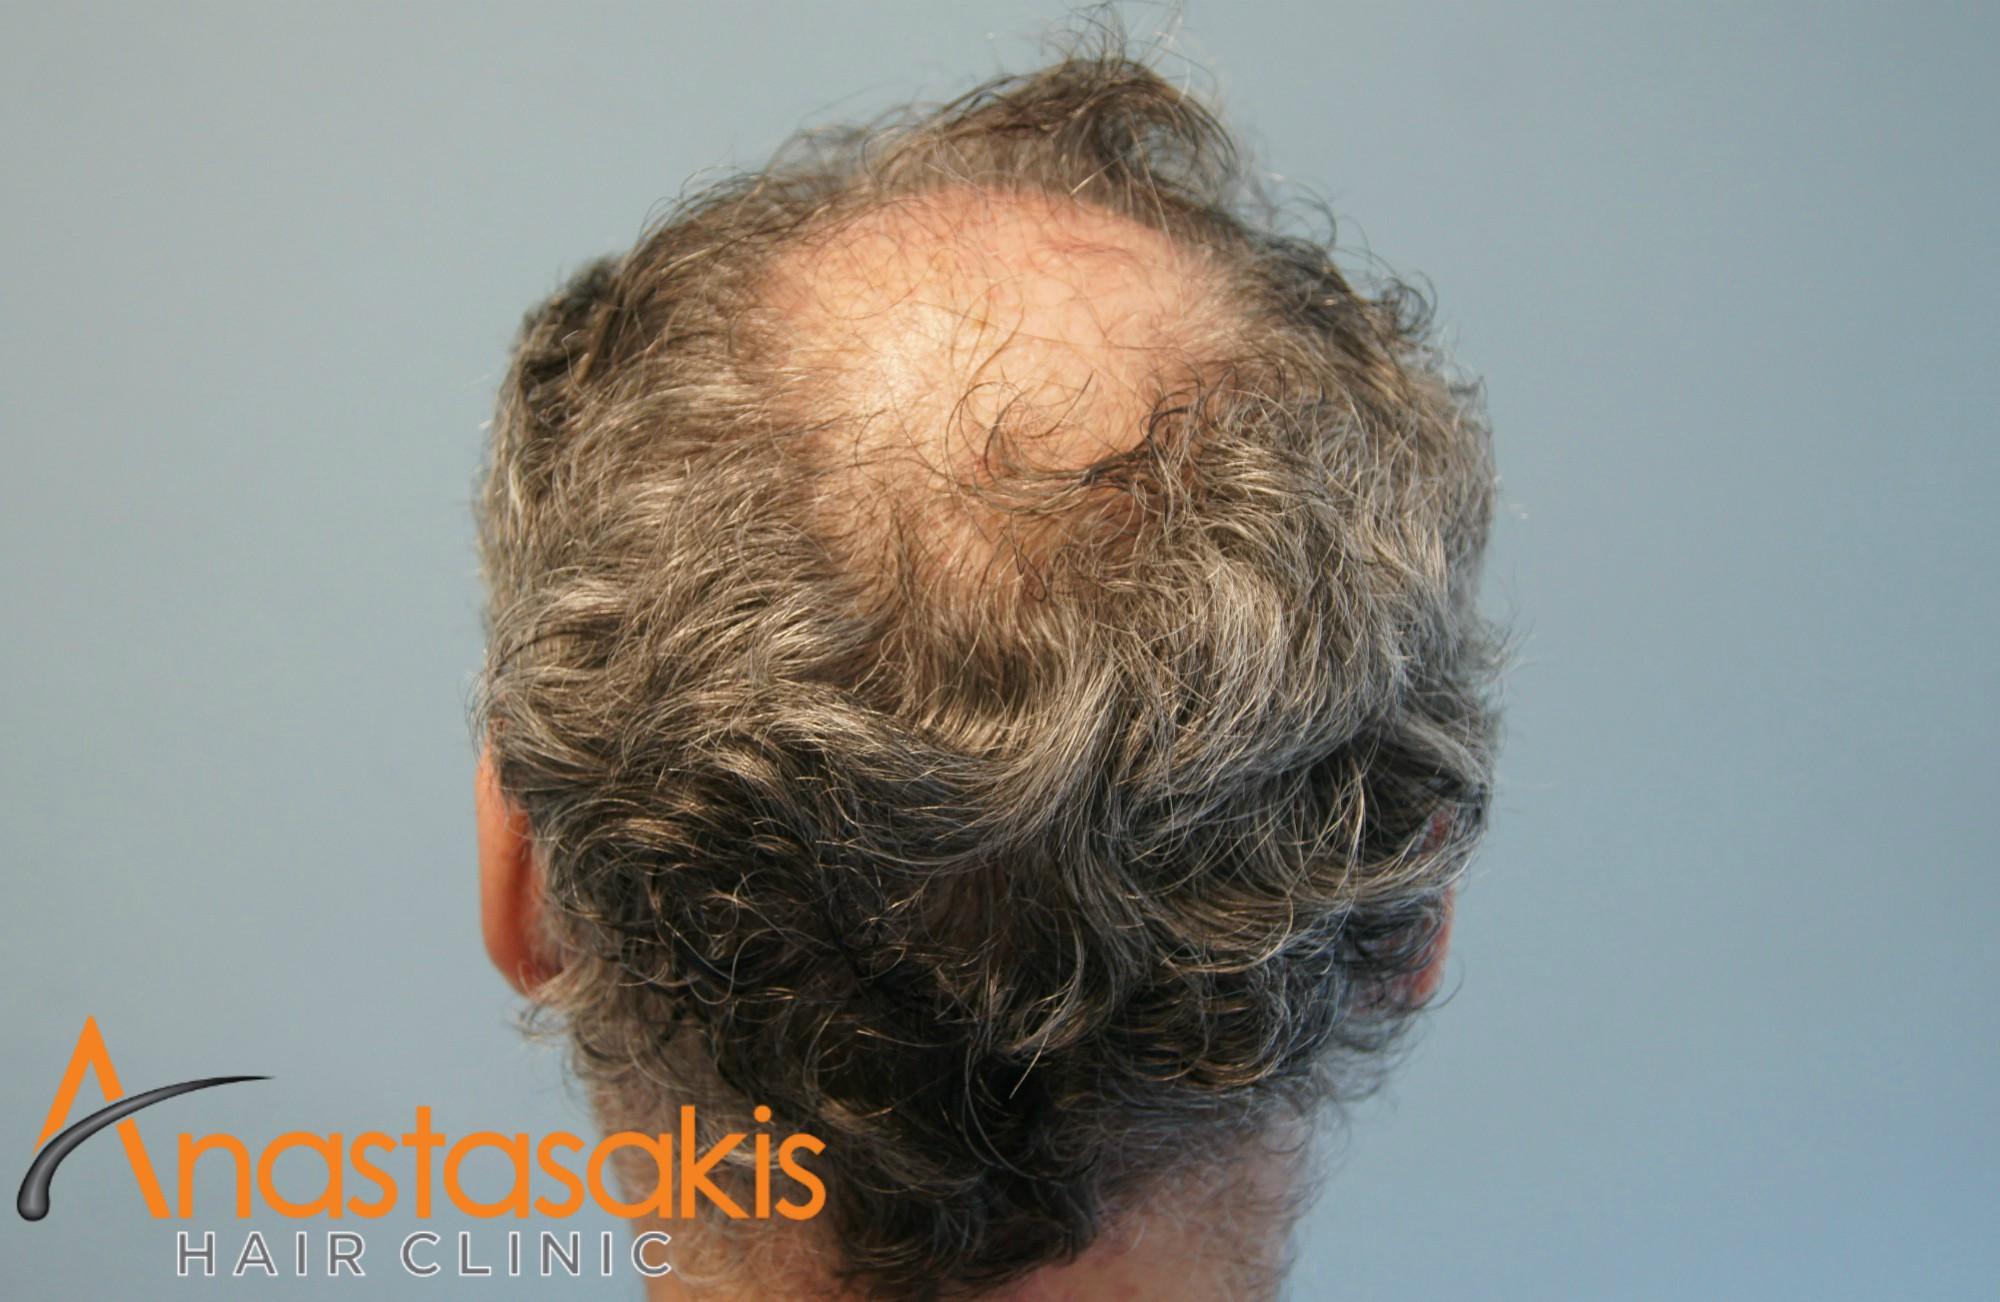 δότρια ασθενους πριν τη μεταμοσχευση μαλλιων με 2500 fus